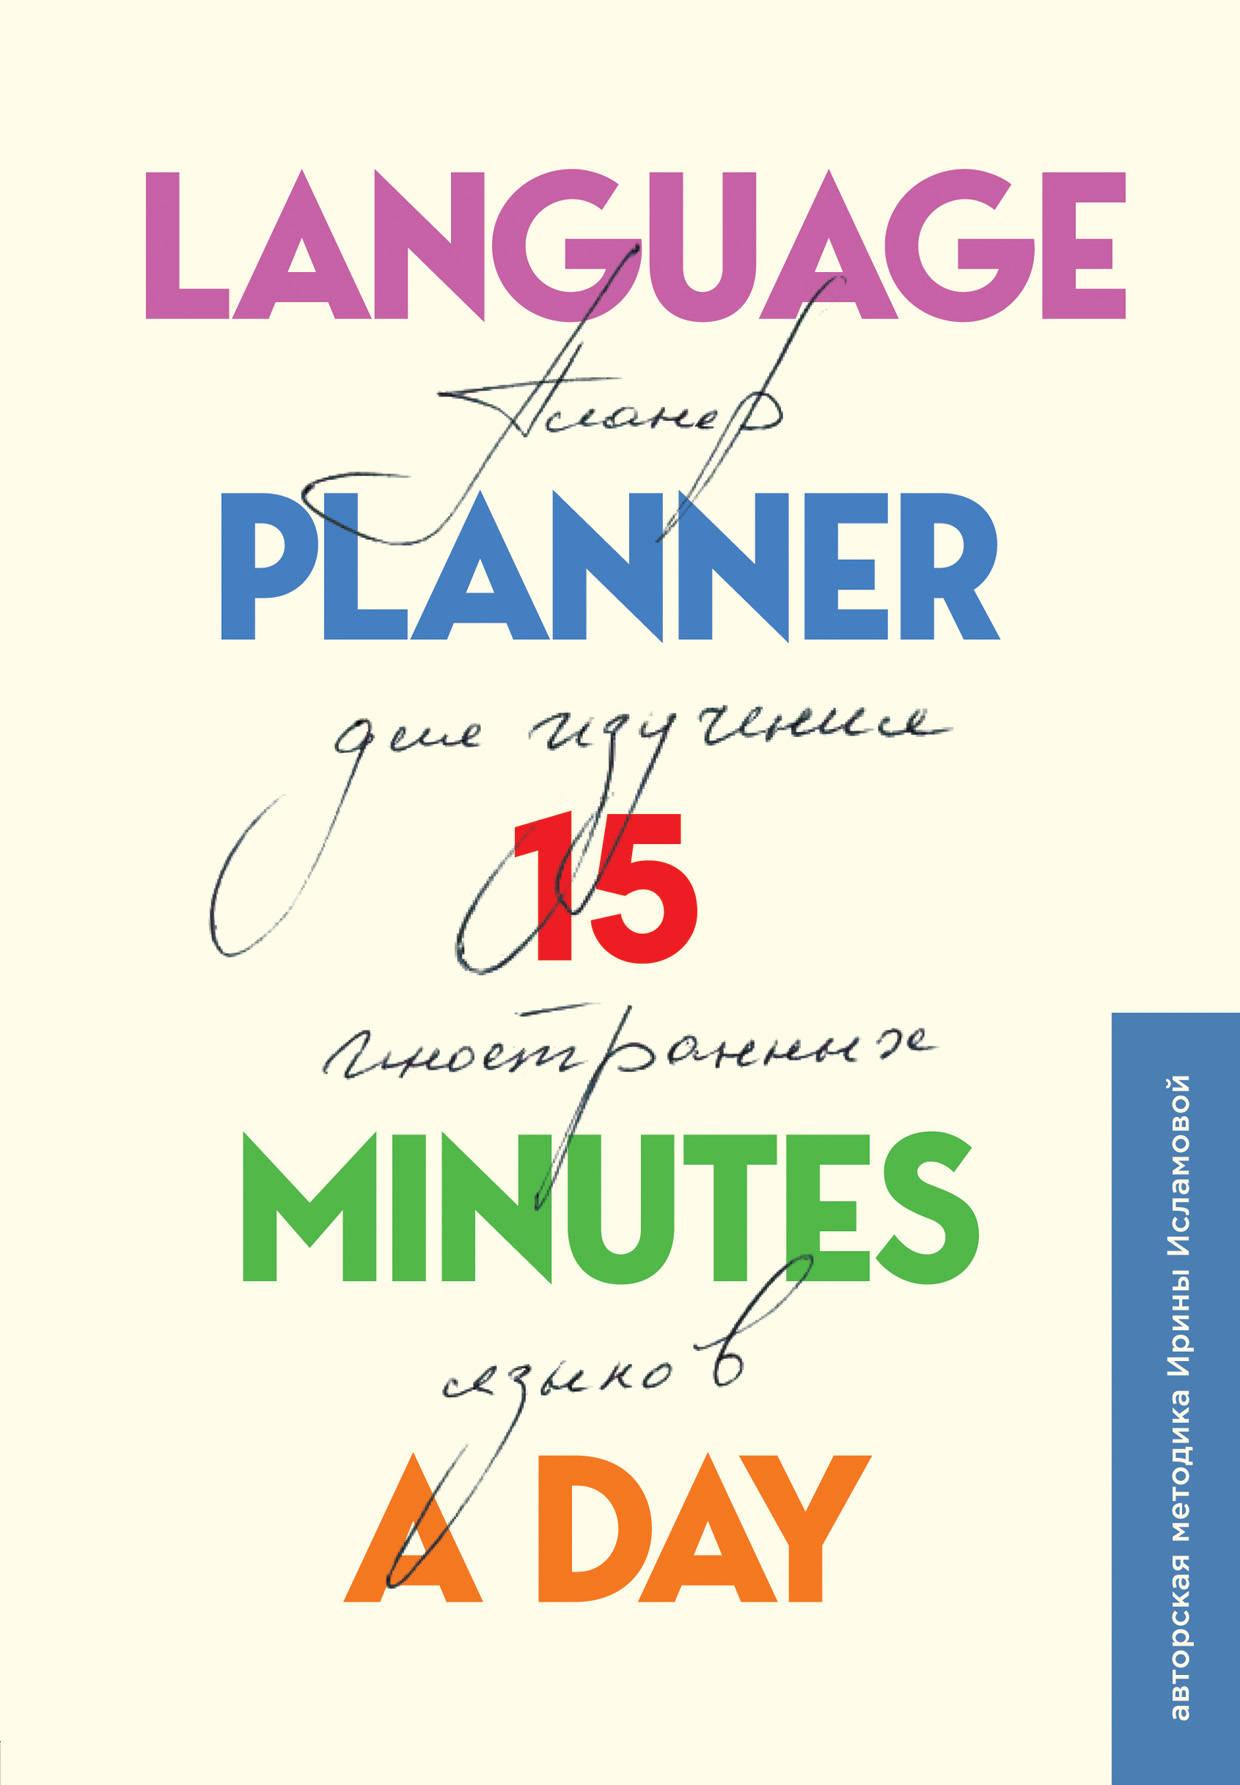 Language planner 15 minutes a day. Планер по изучению иностранных языков